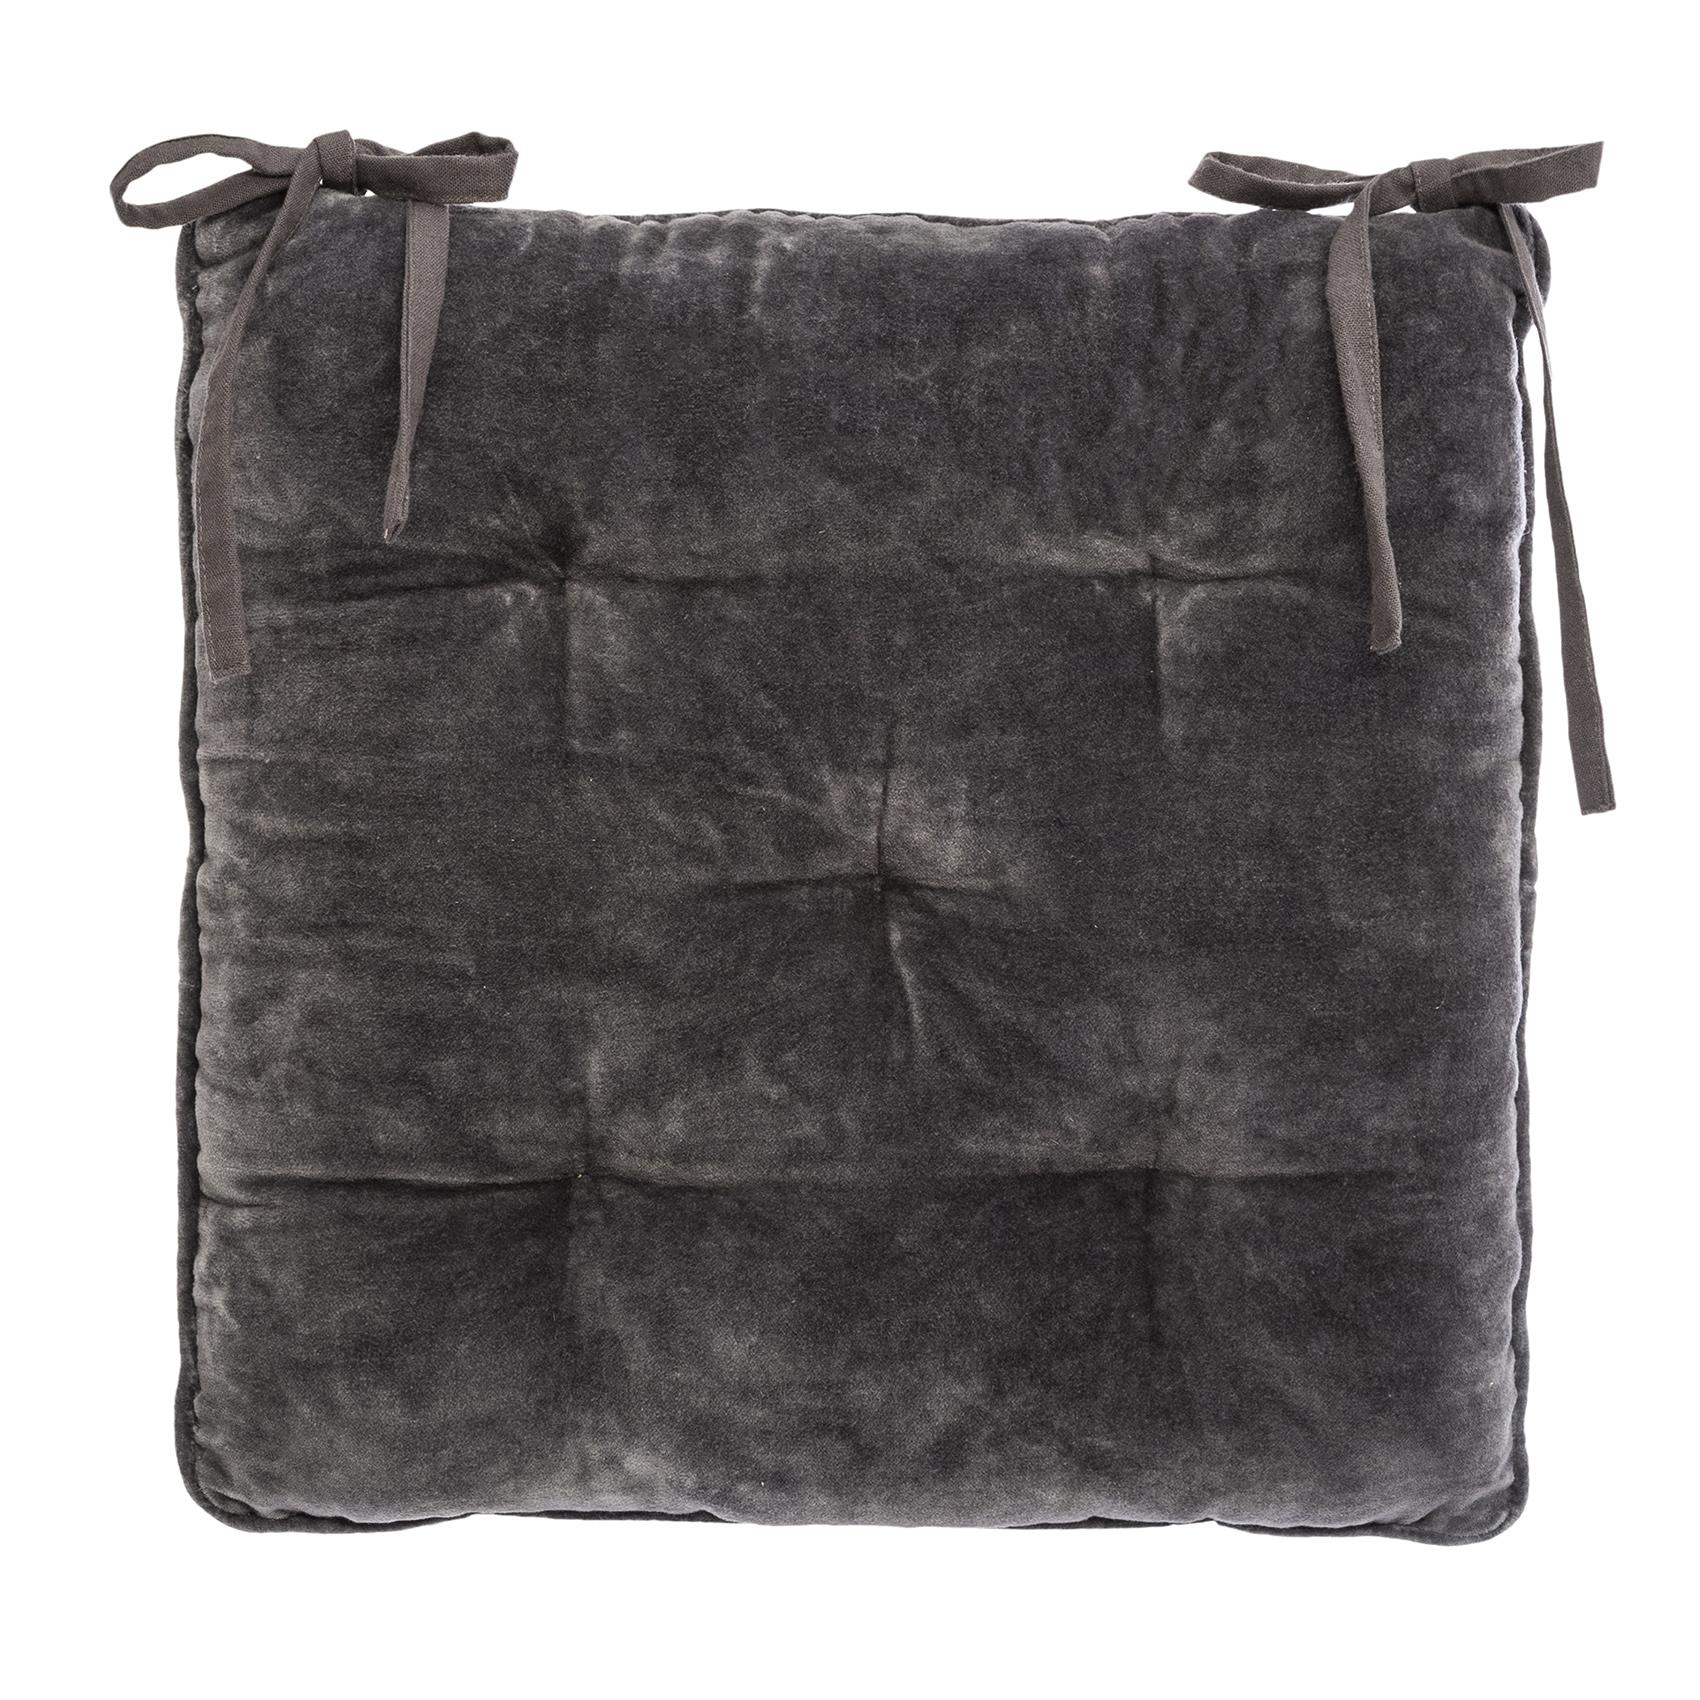 Galette de chaise épaisse en velours coton gris 38x38